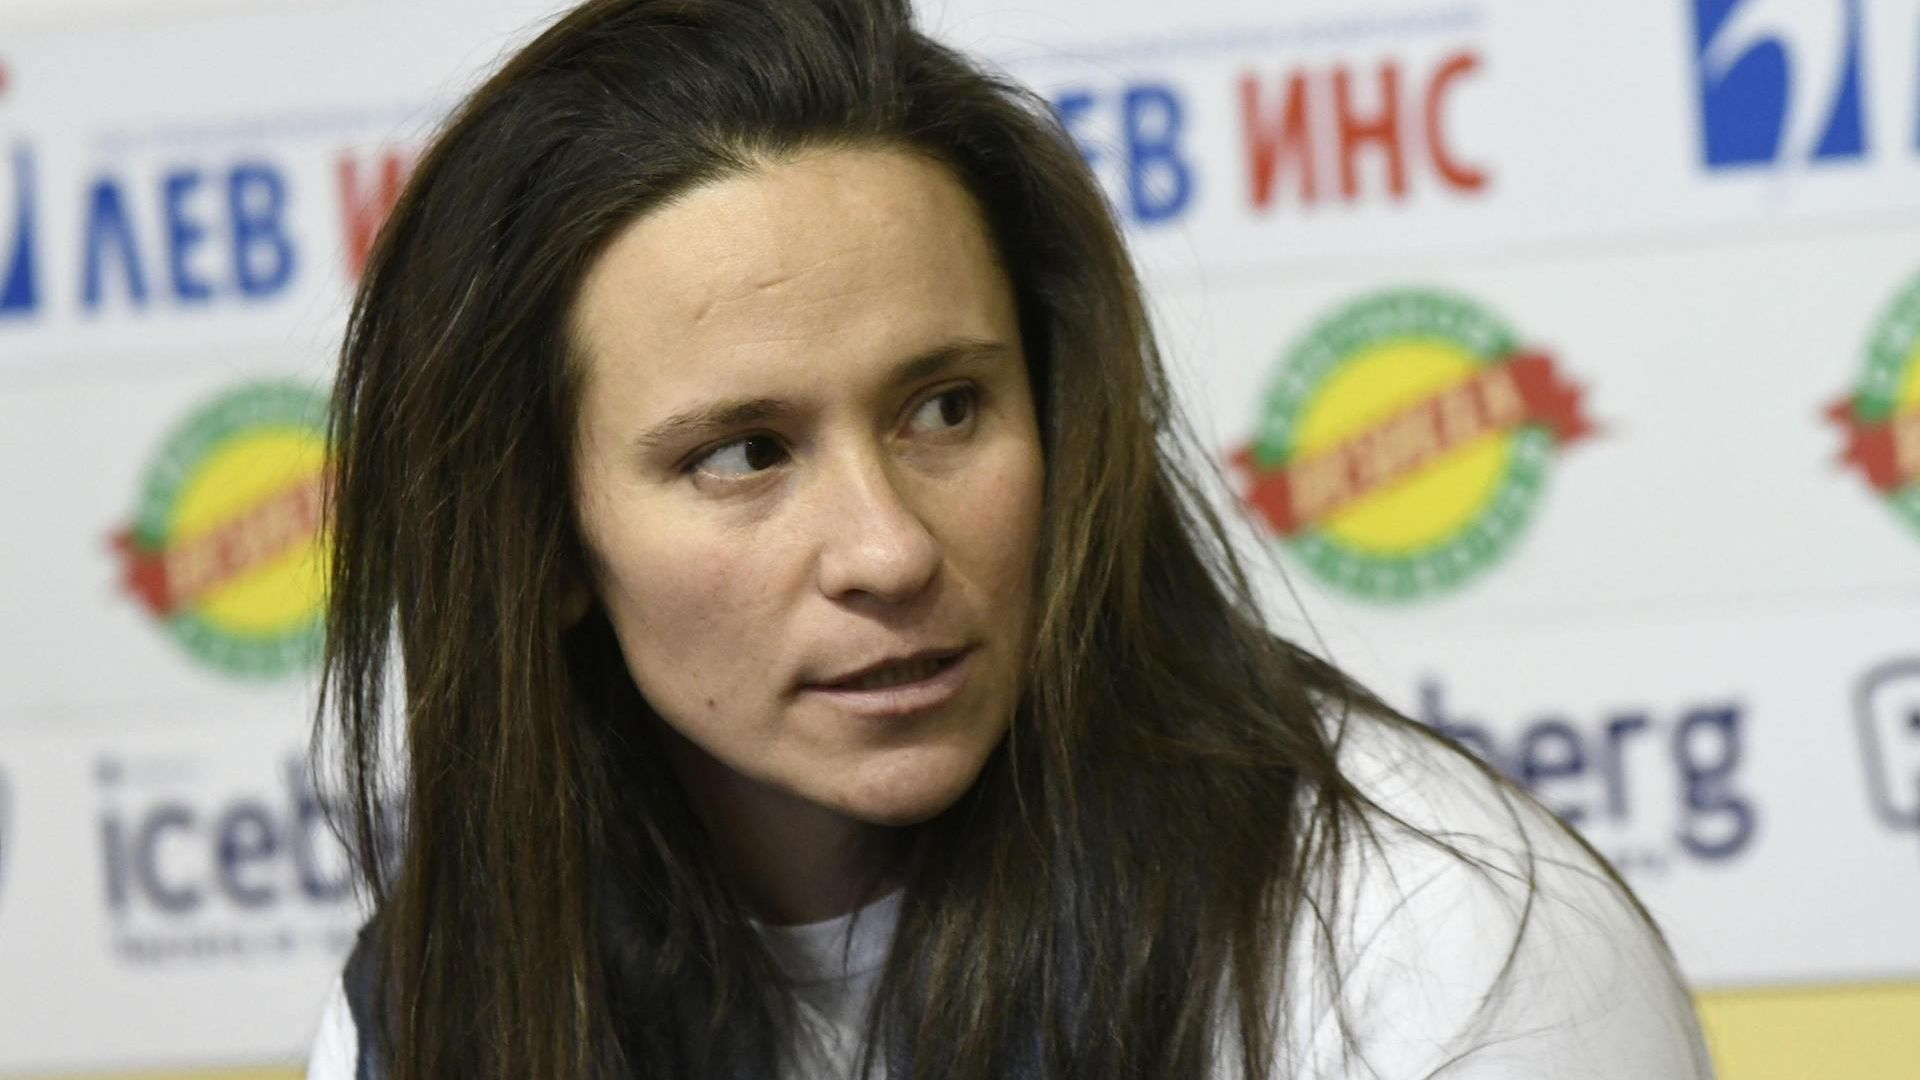 Надеждата ни за медал от Токио Станилия Стаменова: Шансовете да умра от глад са по-големи, отколкото да се удавя